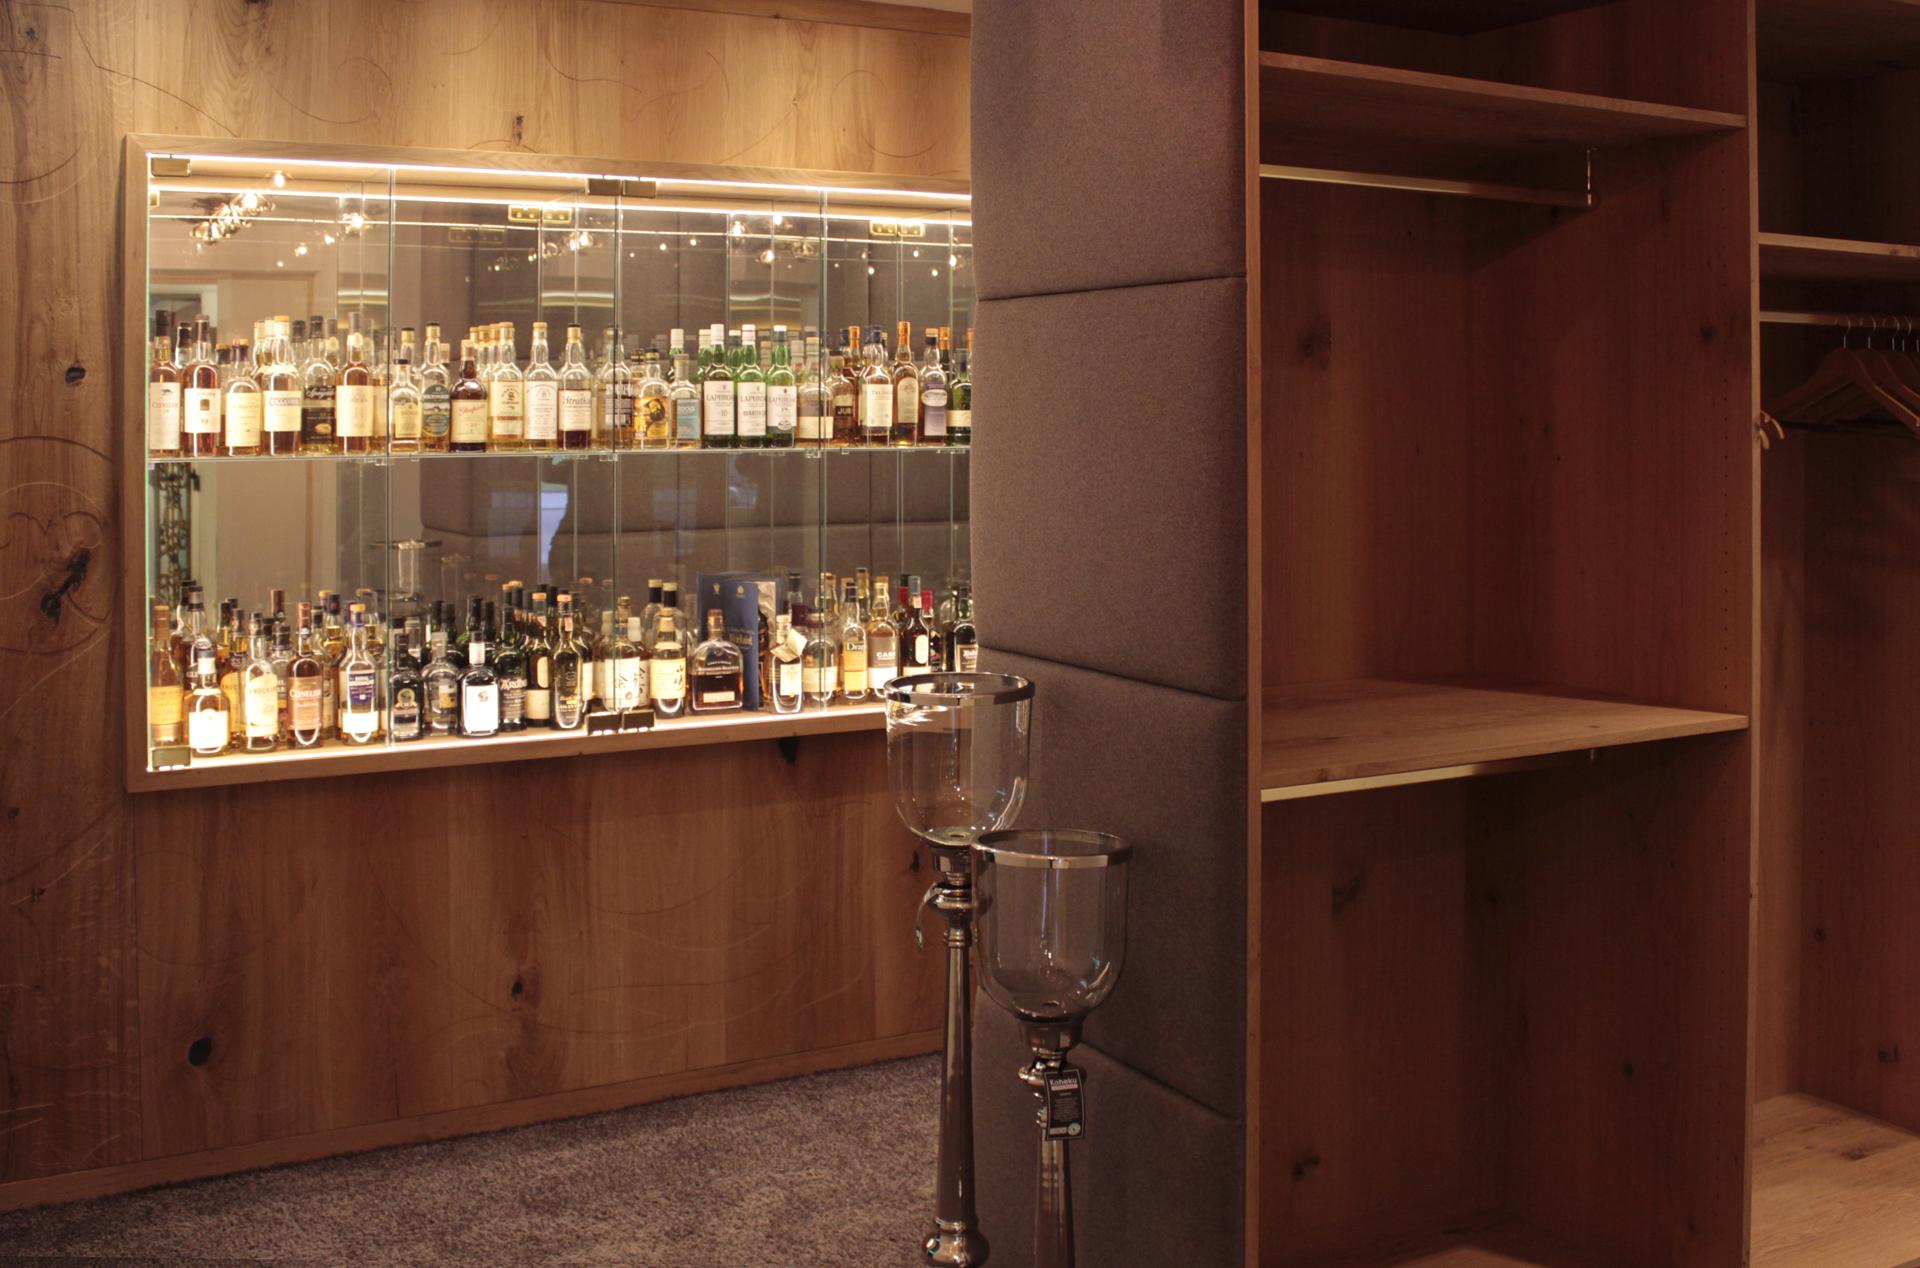 tischlerei-decker-hotel-schoenbuch-restaurant-bar